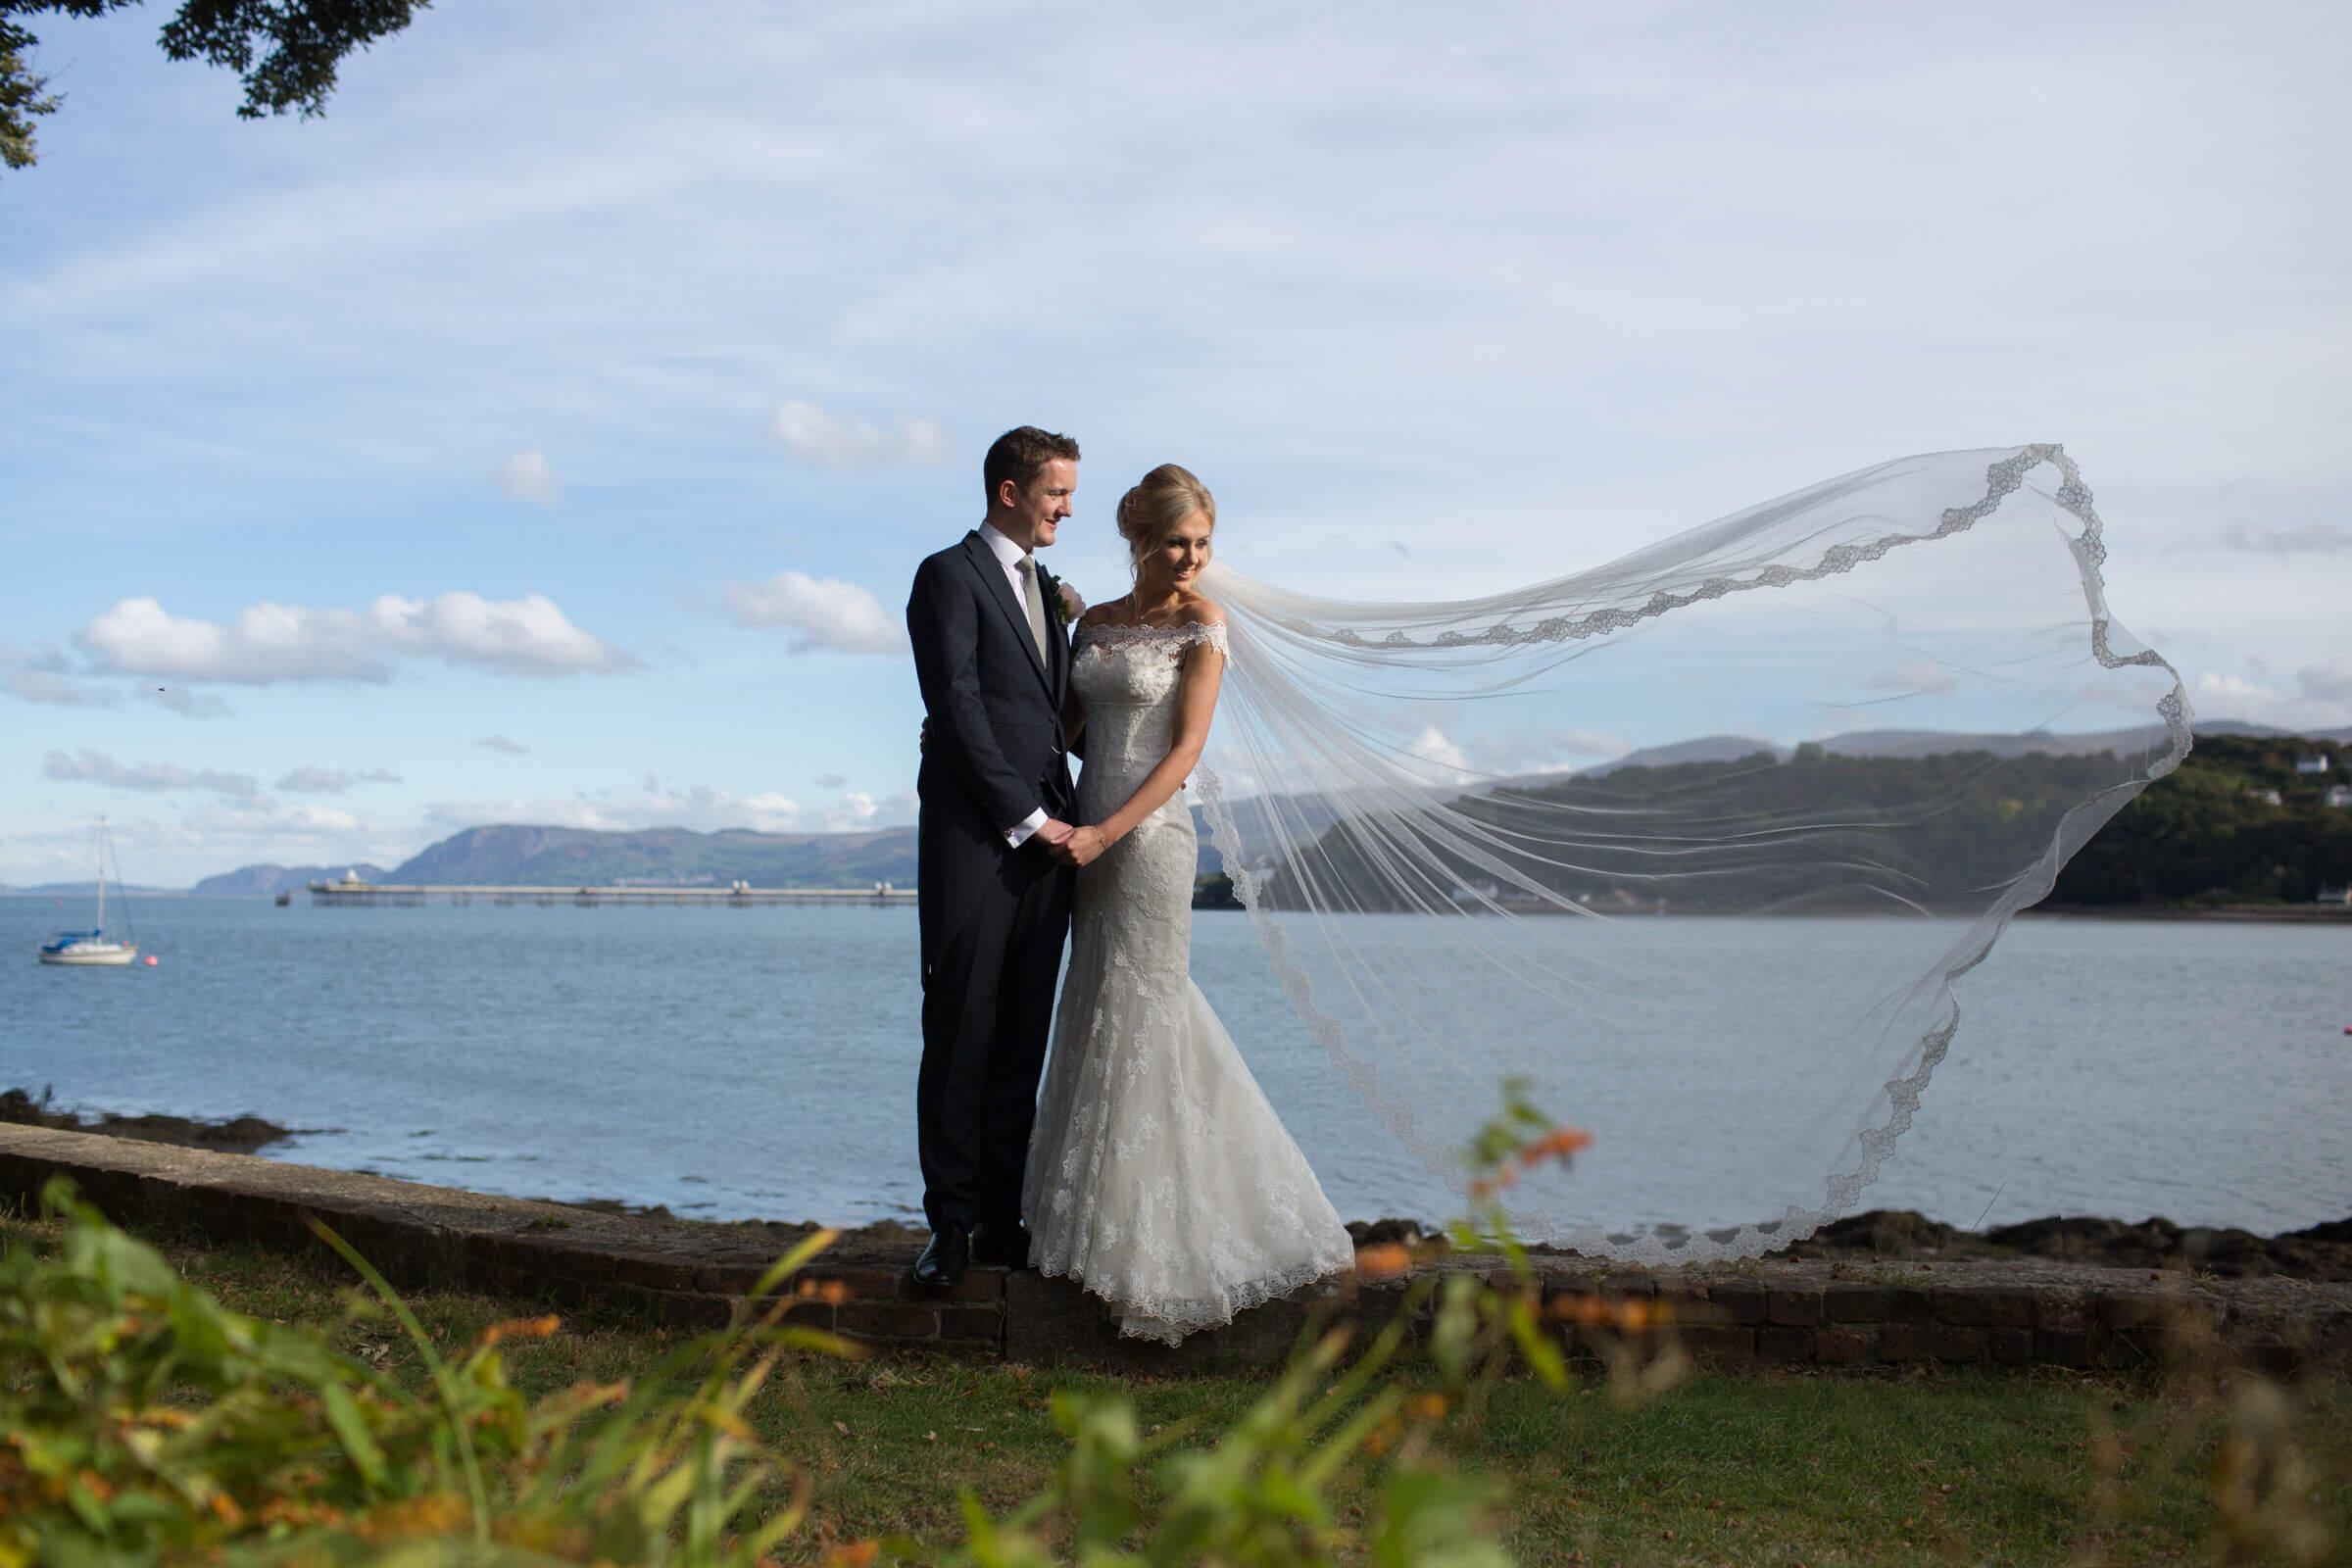 Chateau_Rhianfa_Wedding_Photography_044.jpg